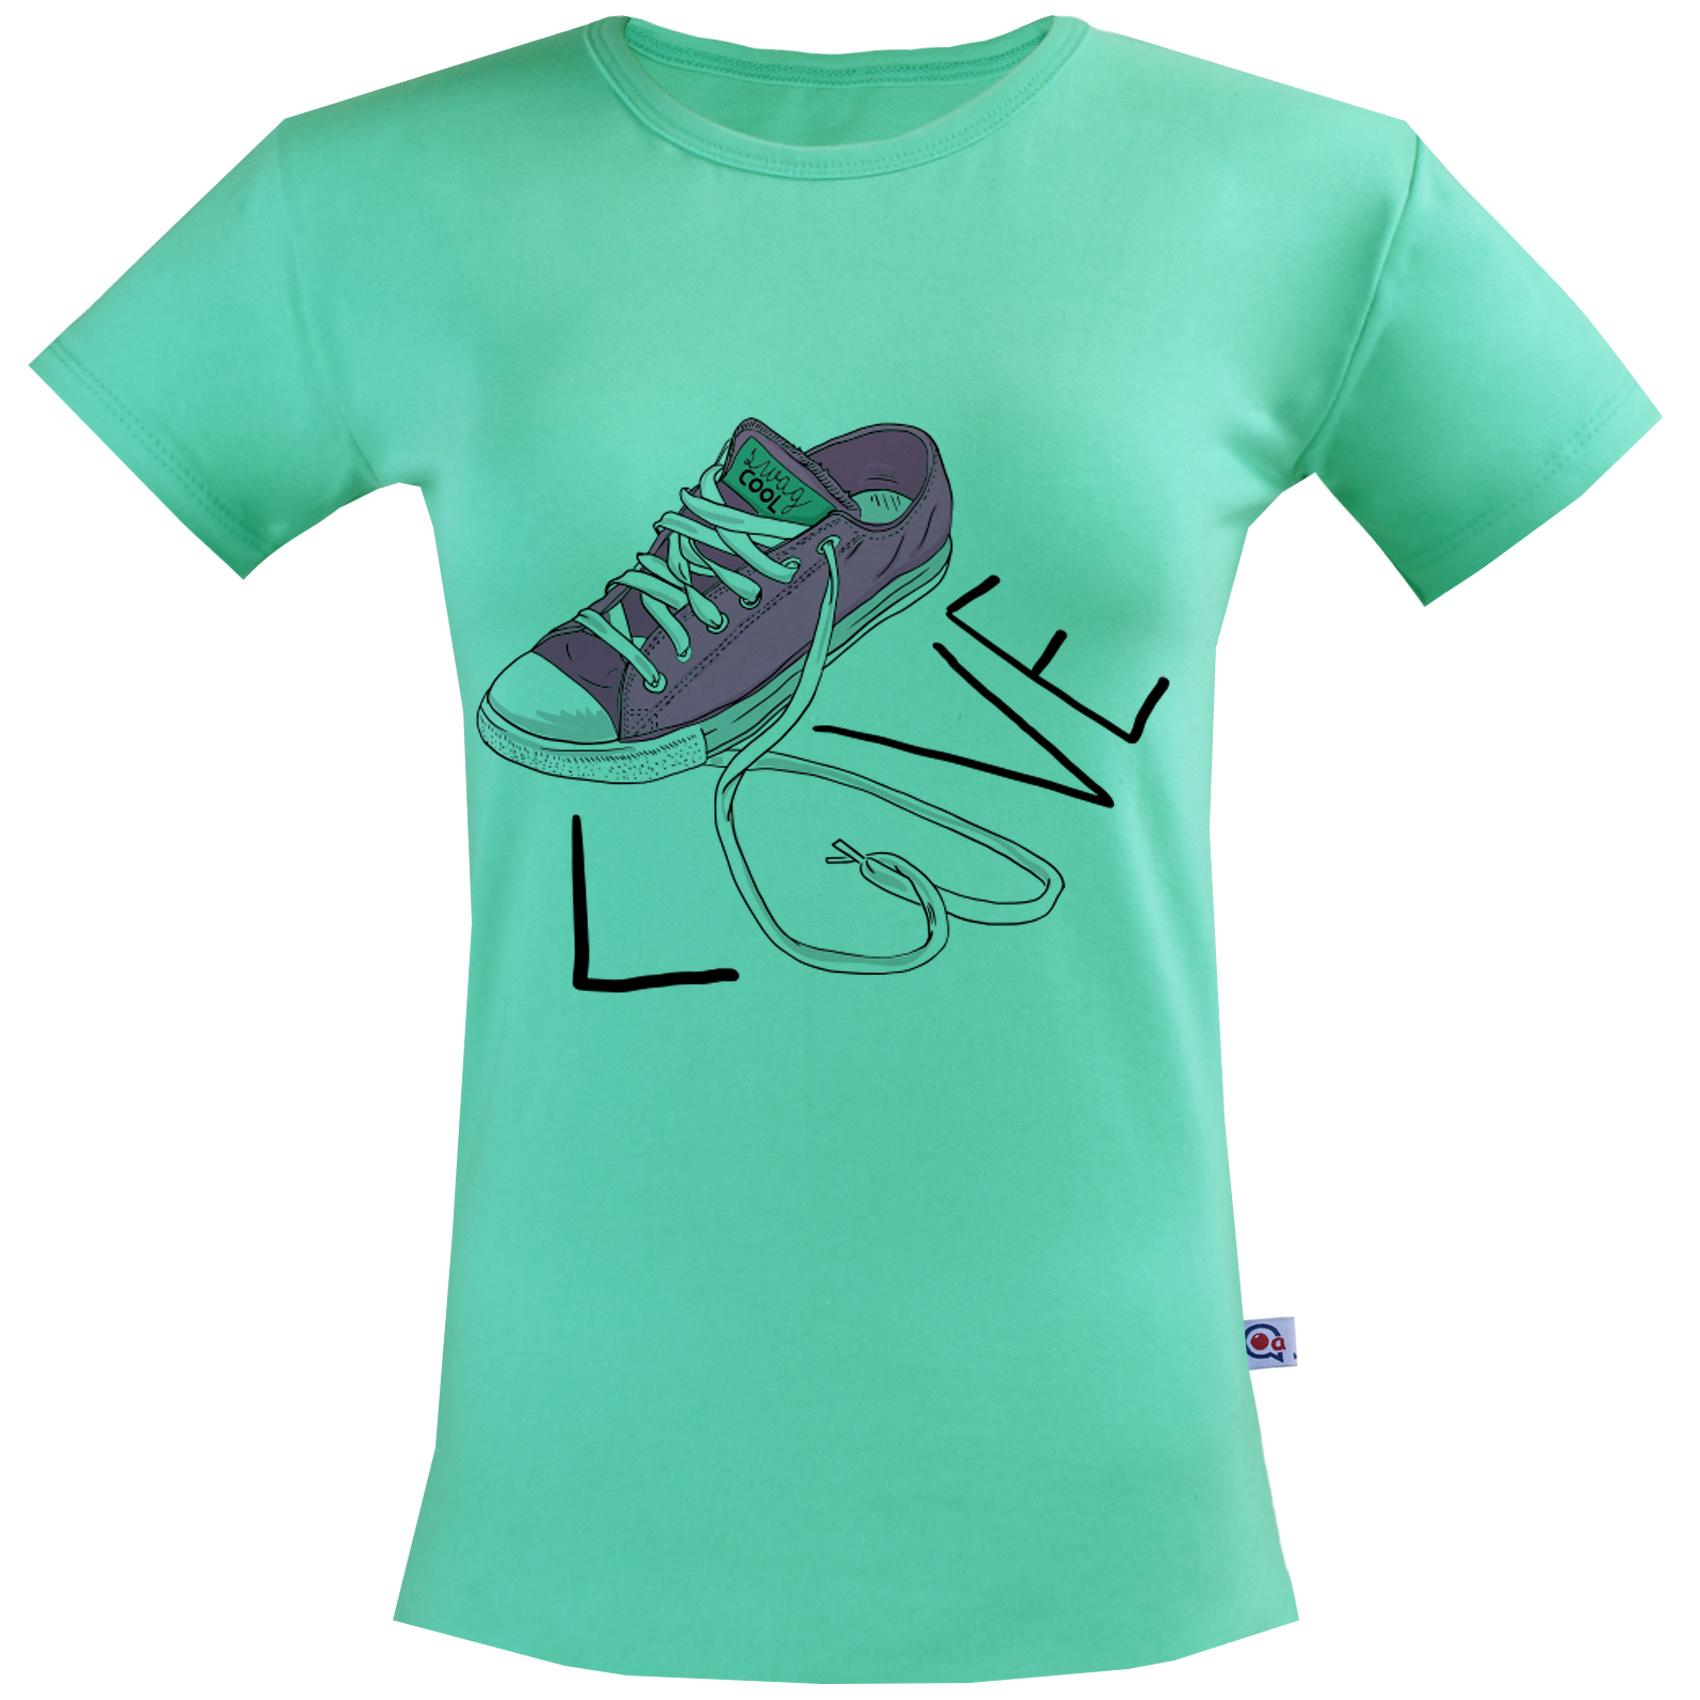 تی شرت زنانه آکو طرح کتونی کد SC84